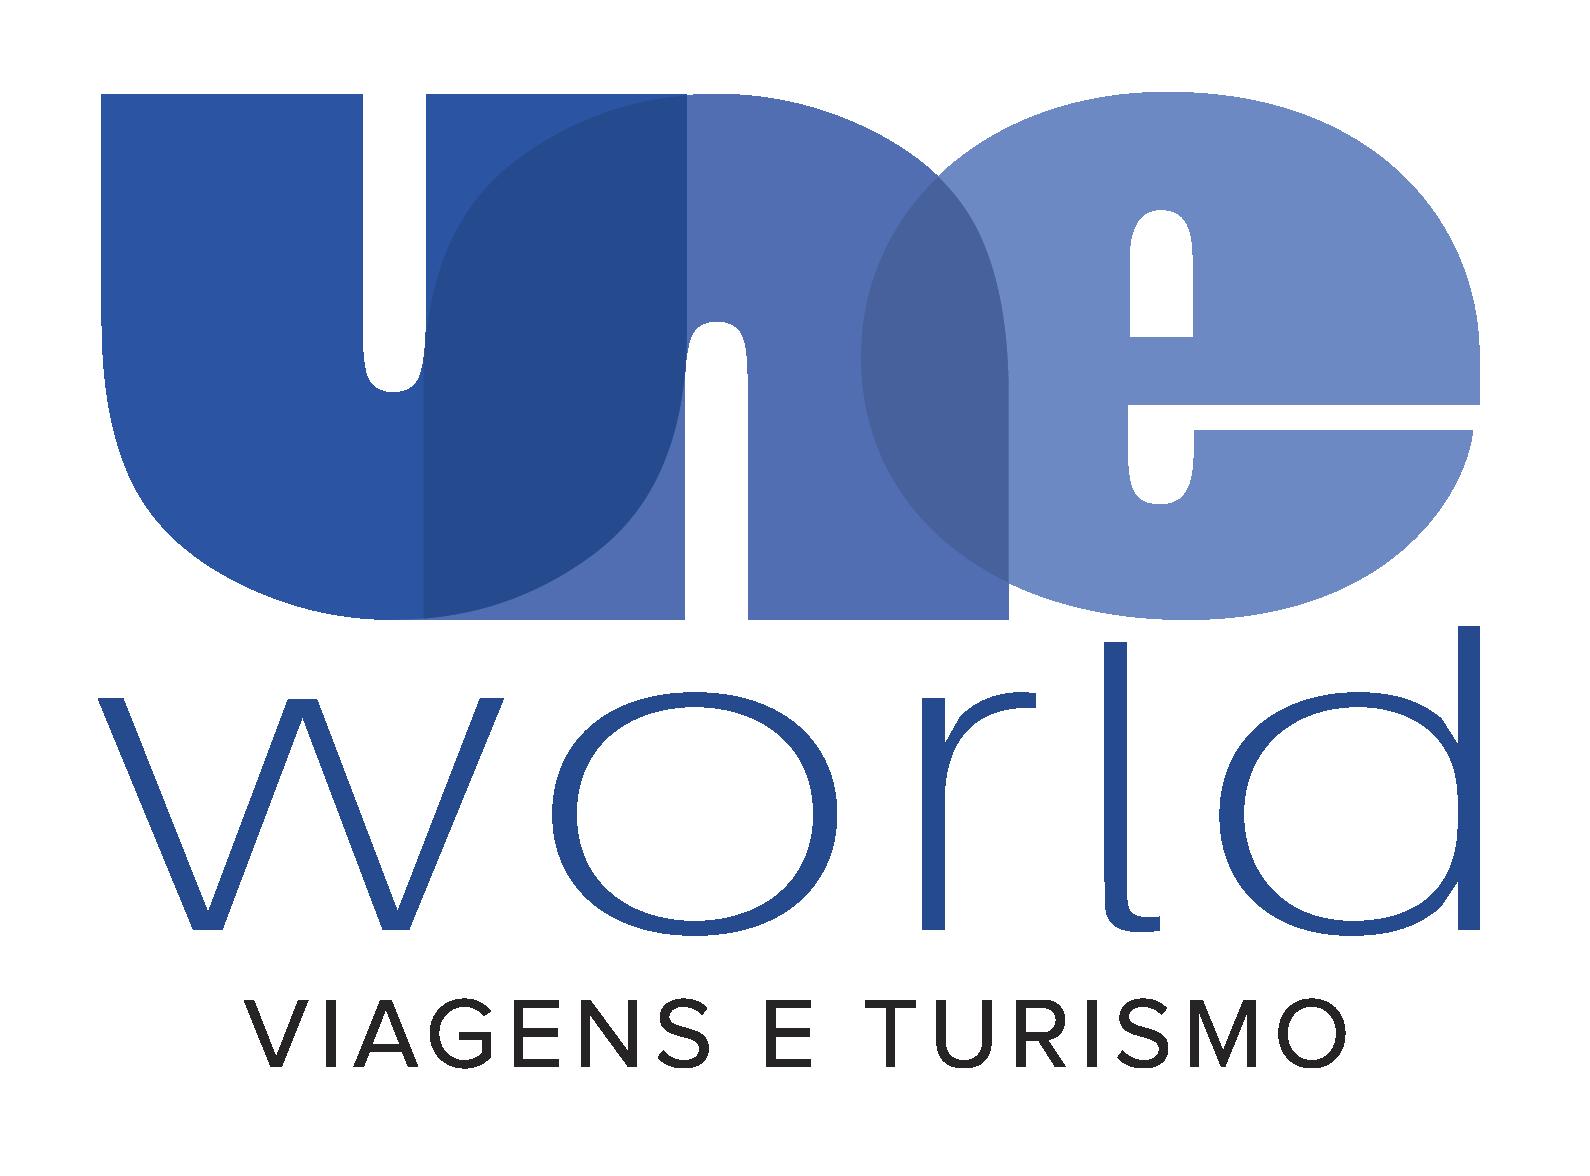 Uneworld Viagens e Turismo.